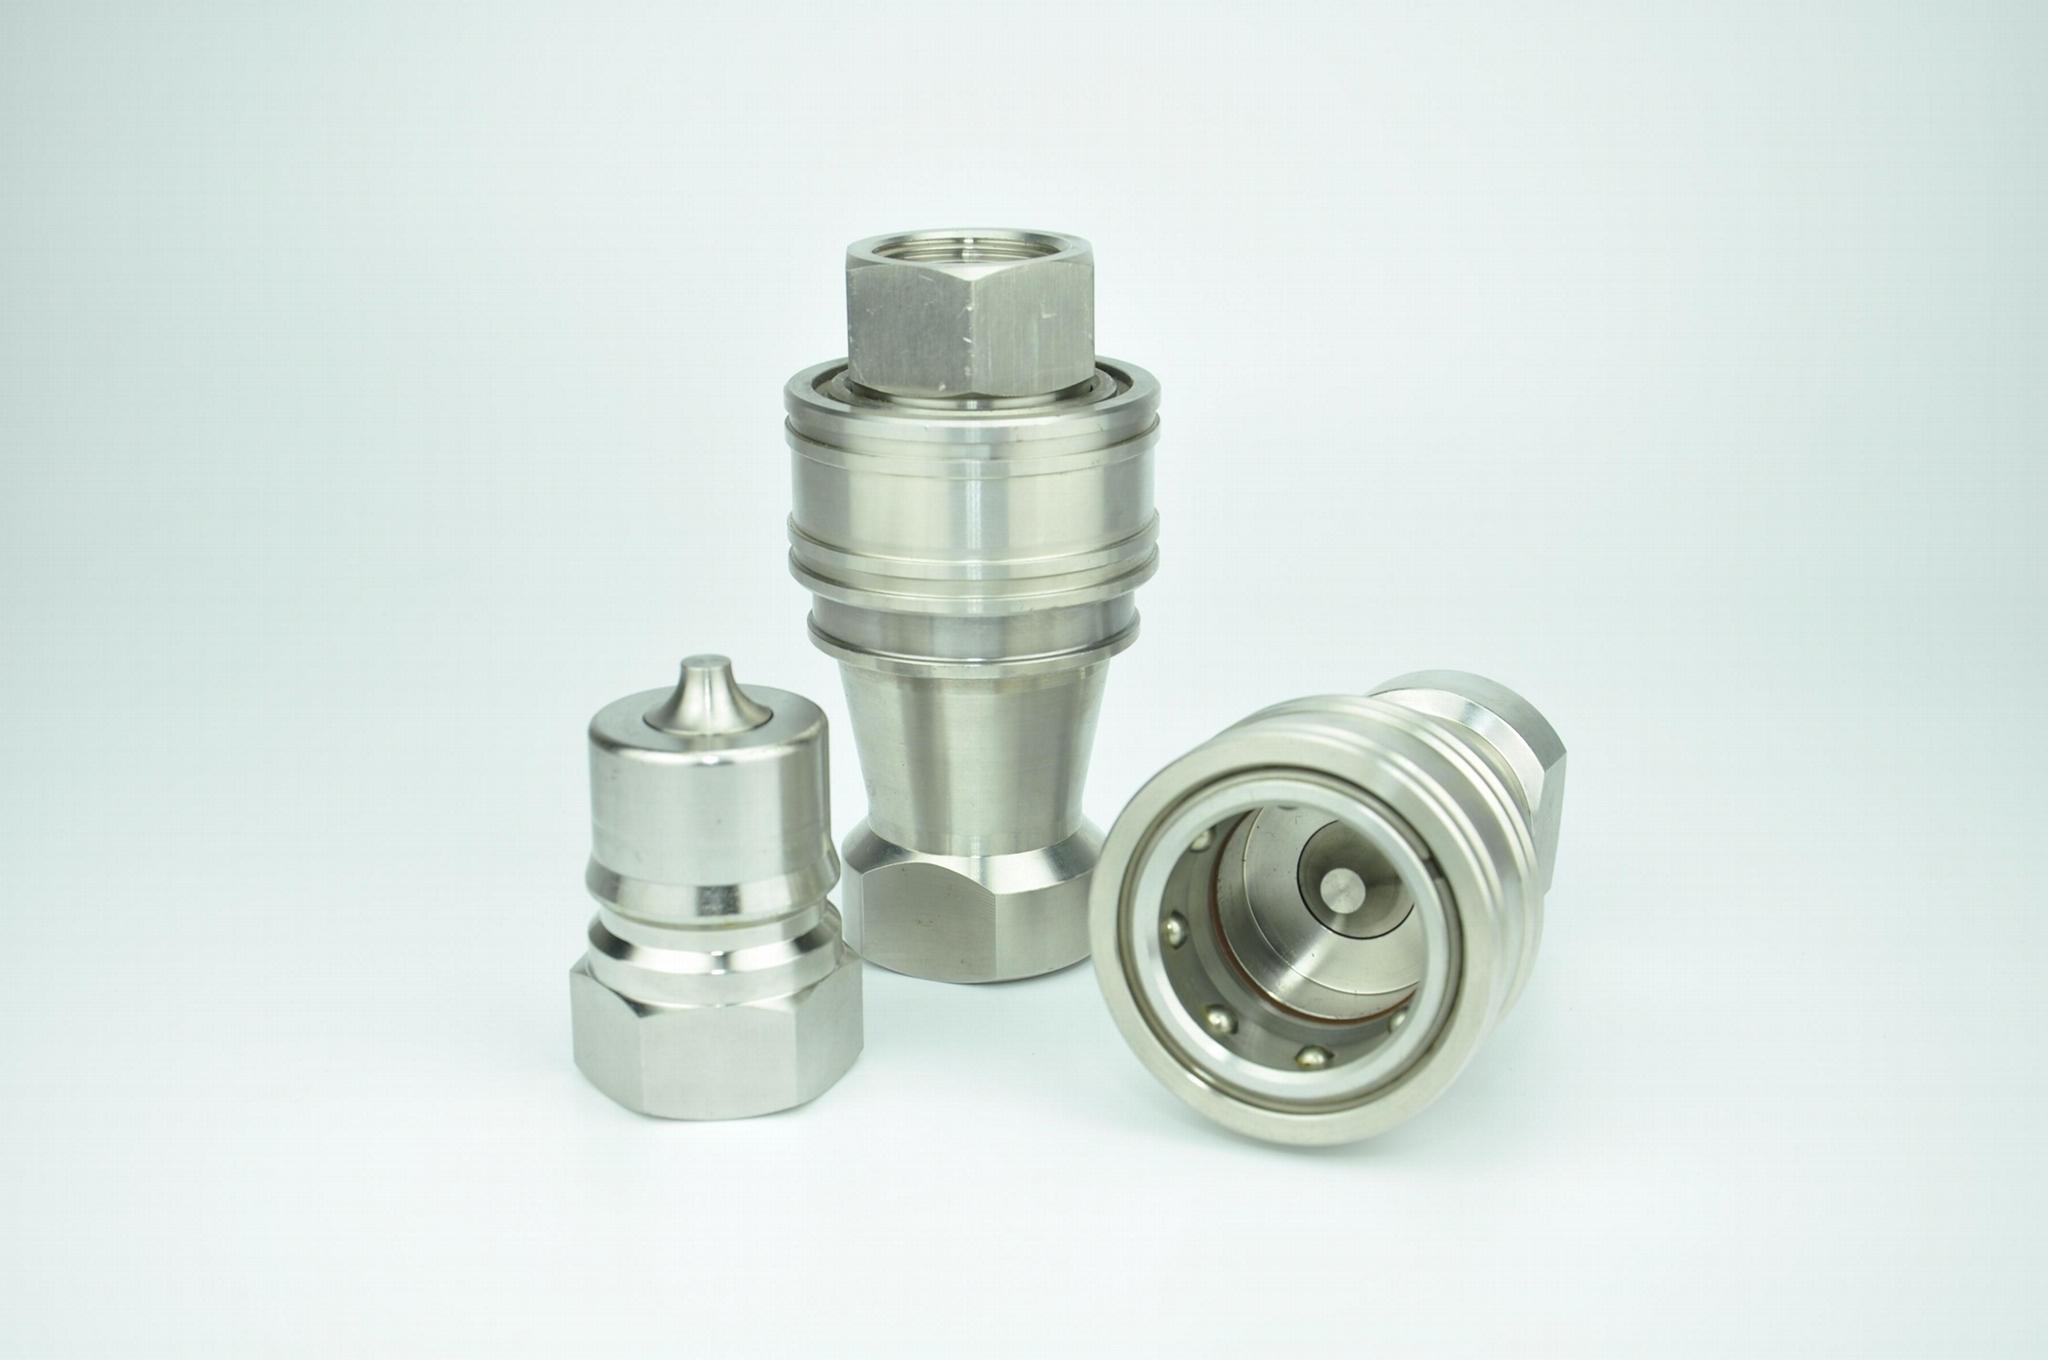 KZF不鏽鋼開閉式高壓油管耐高溫腐蝕快速接頭 4